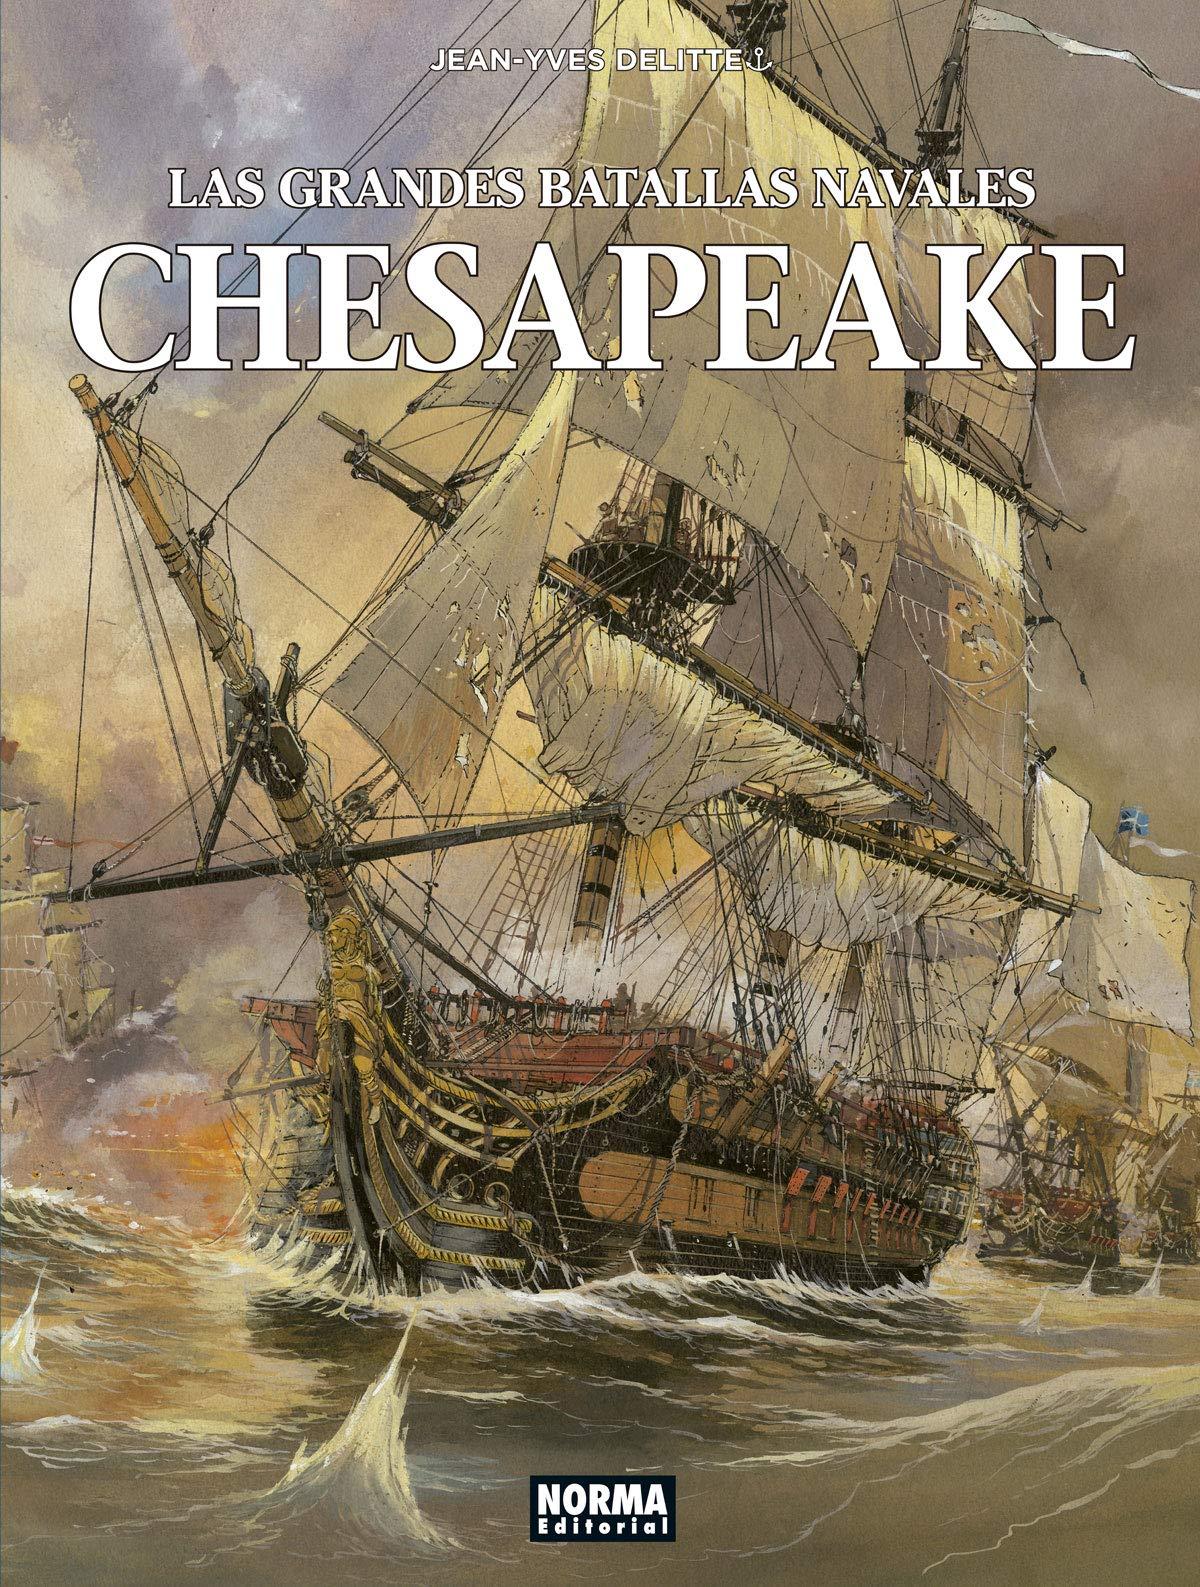 Las Grandes Batallas Navales. 3 Chesapeake: Amazon.es: Jean-Yves Delitte: Libros